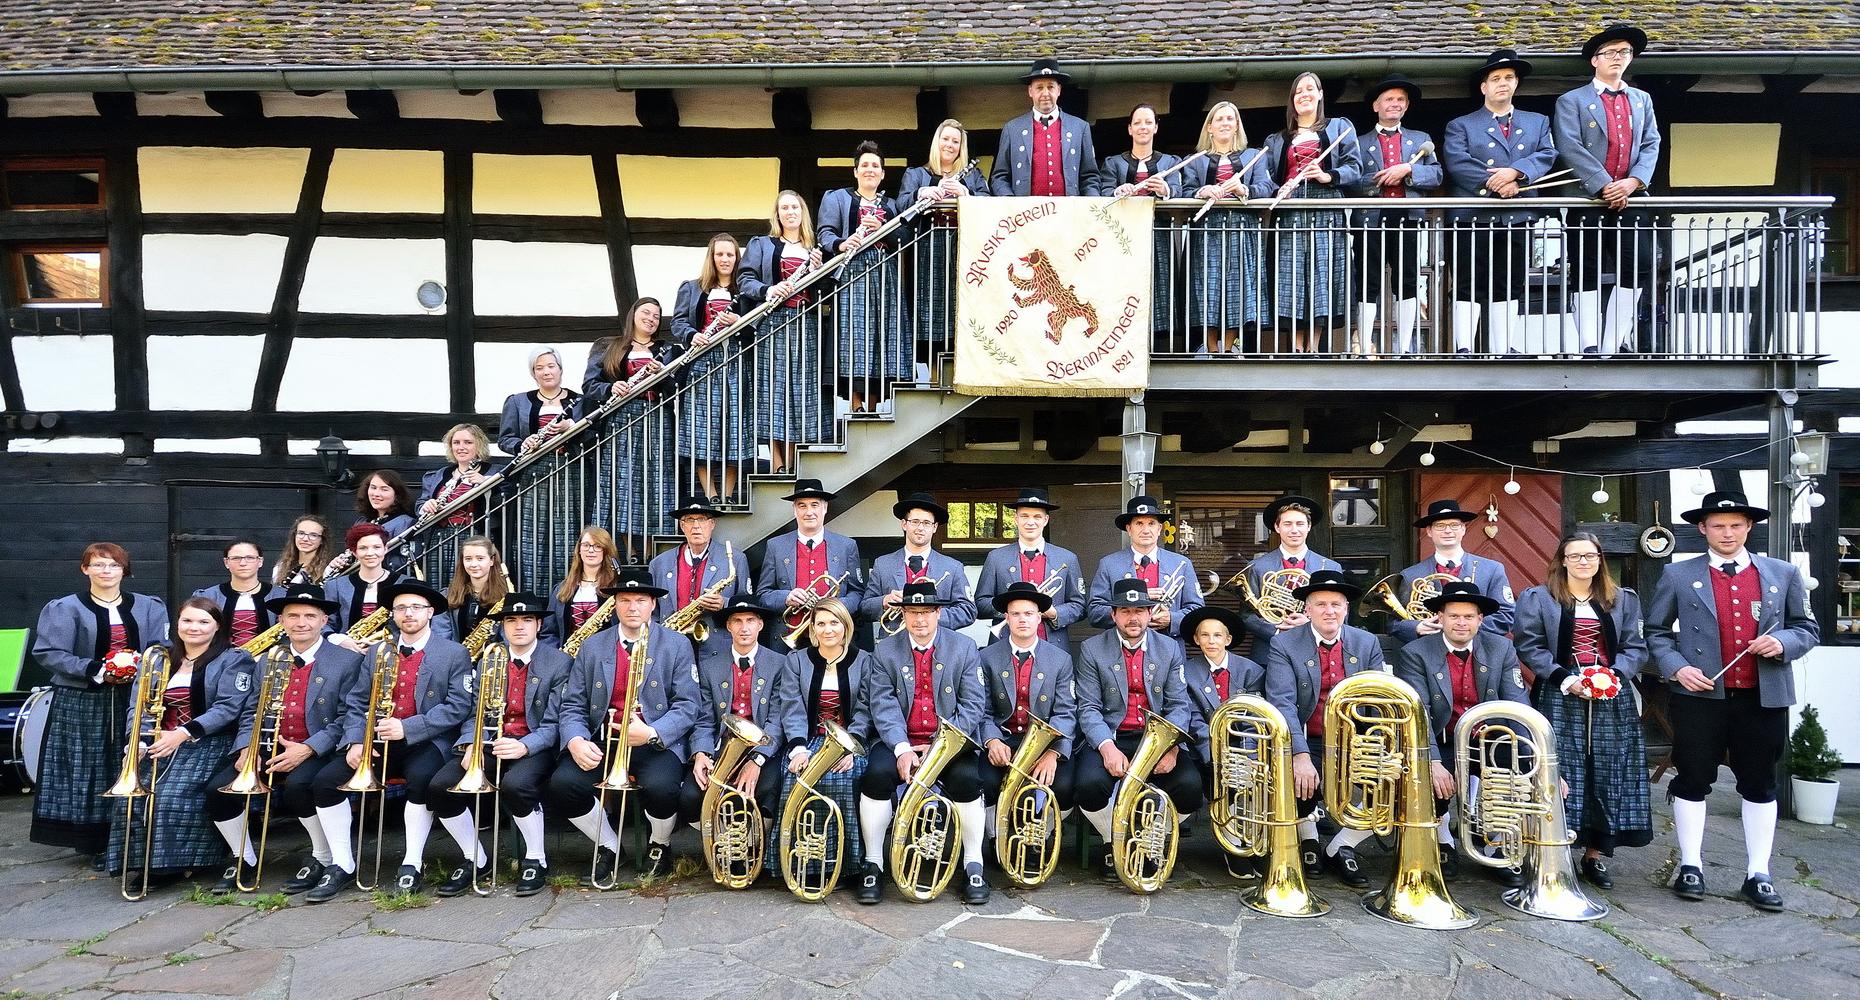 Musikverein Bermatingen